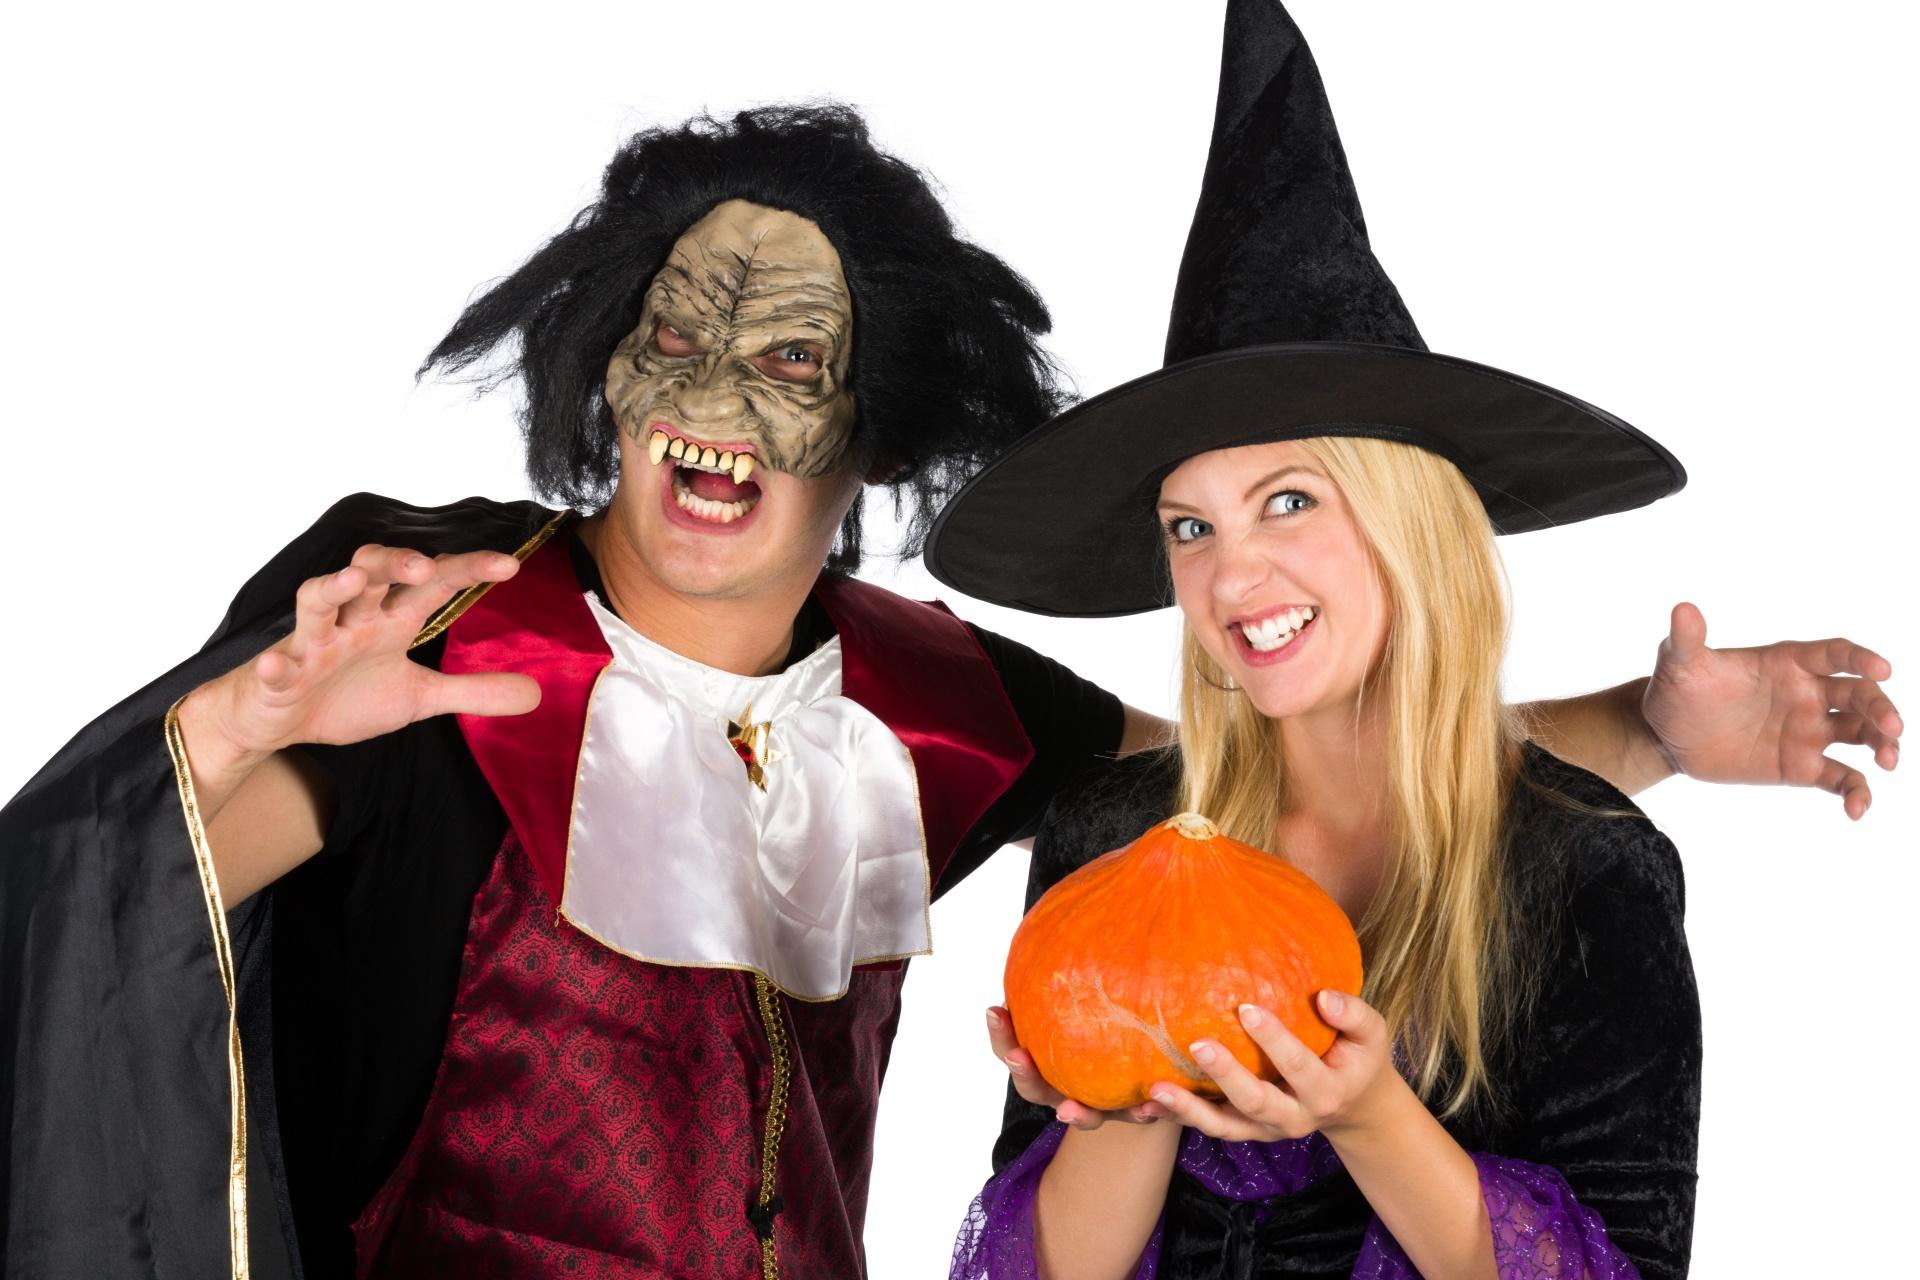 Zoek je een Halloween of Carnaval Outfit dan is dit de grootste feestwinkel in verkleedkleding